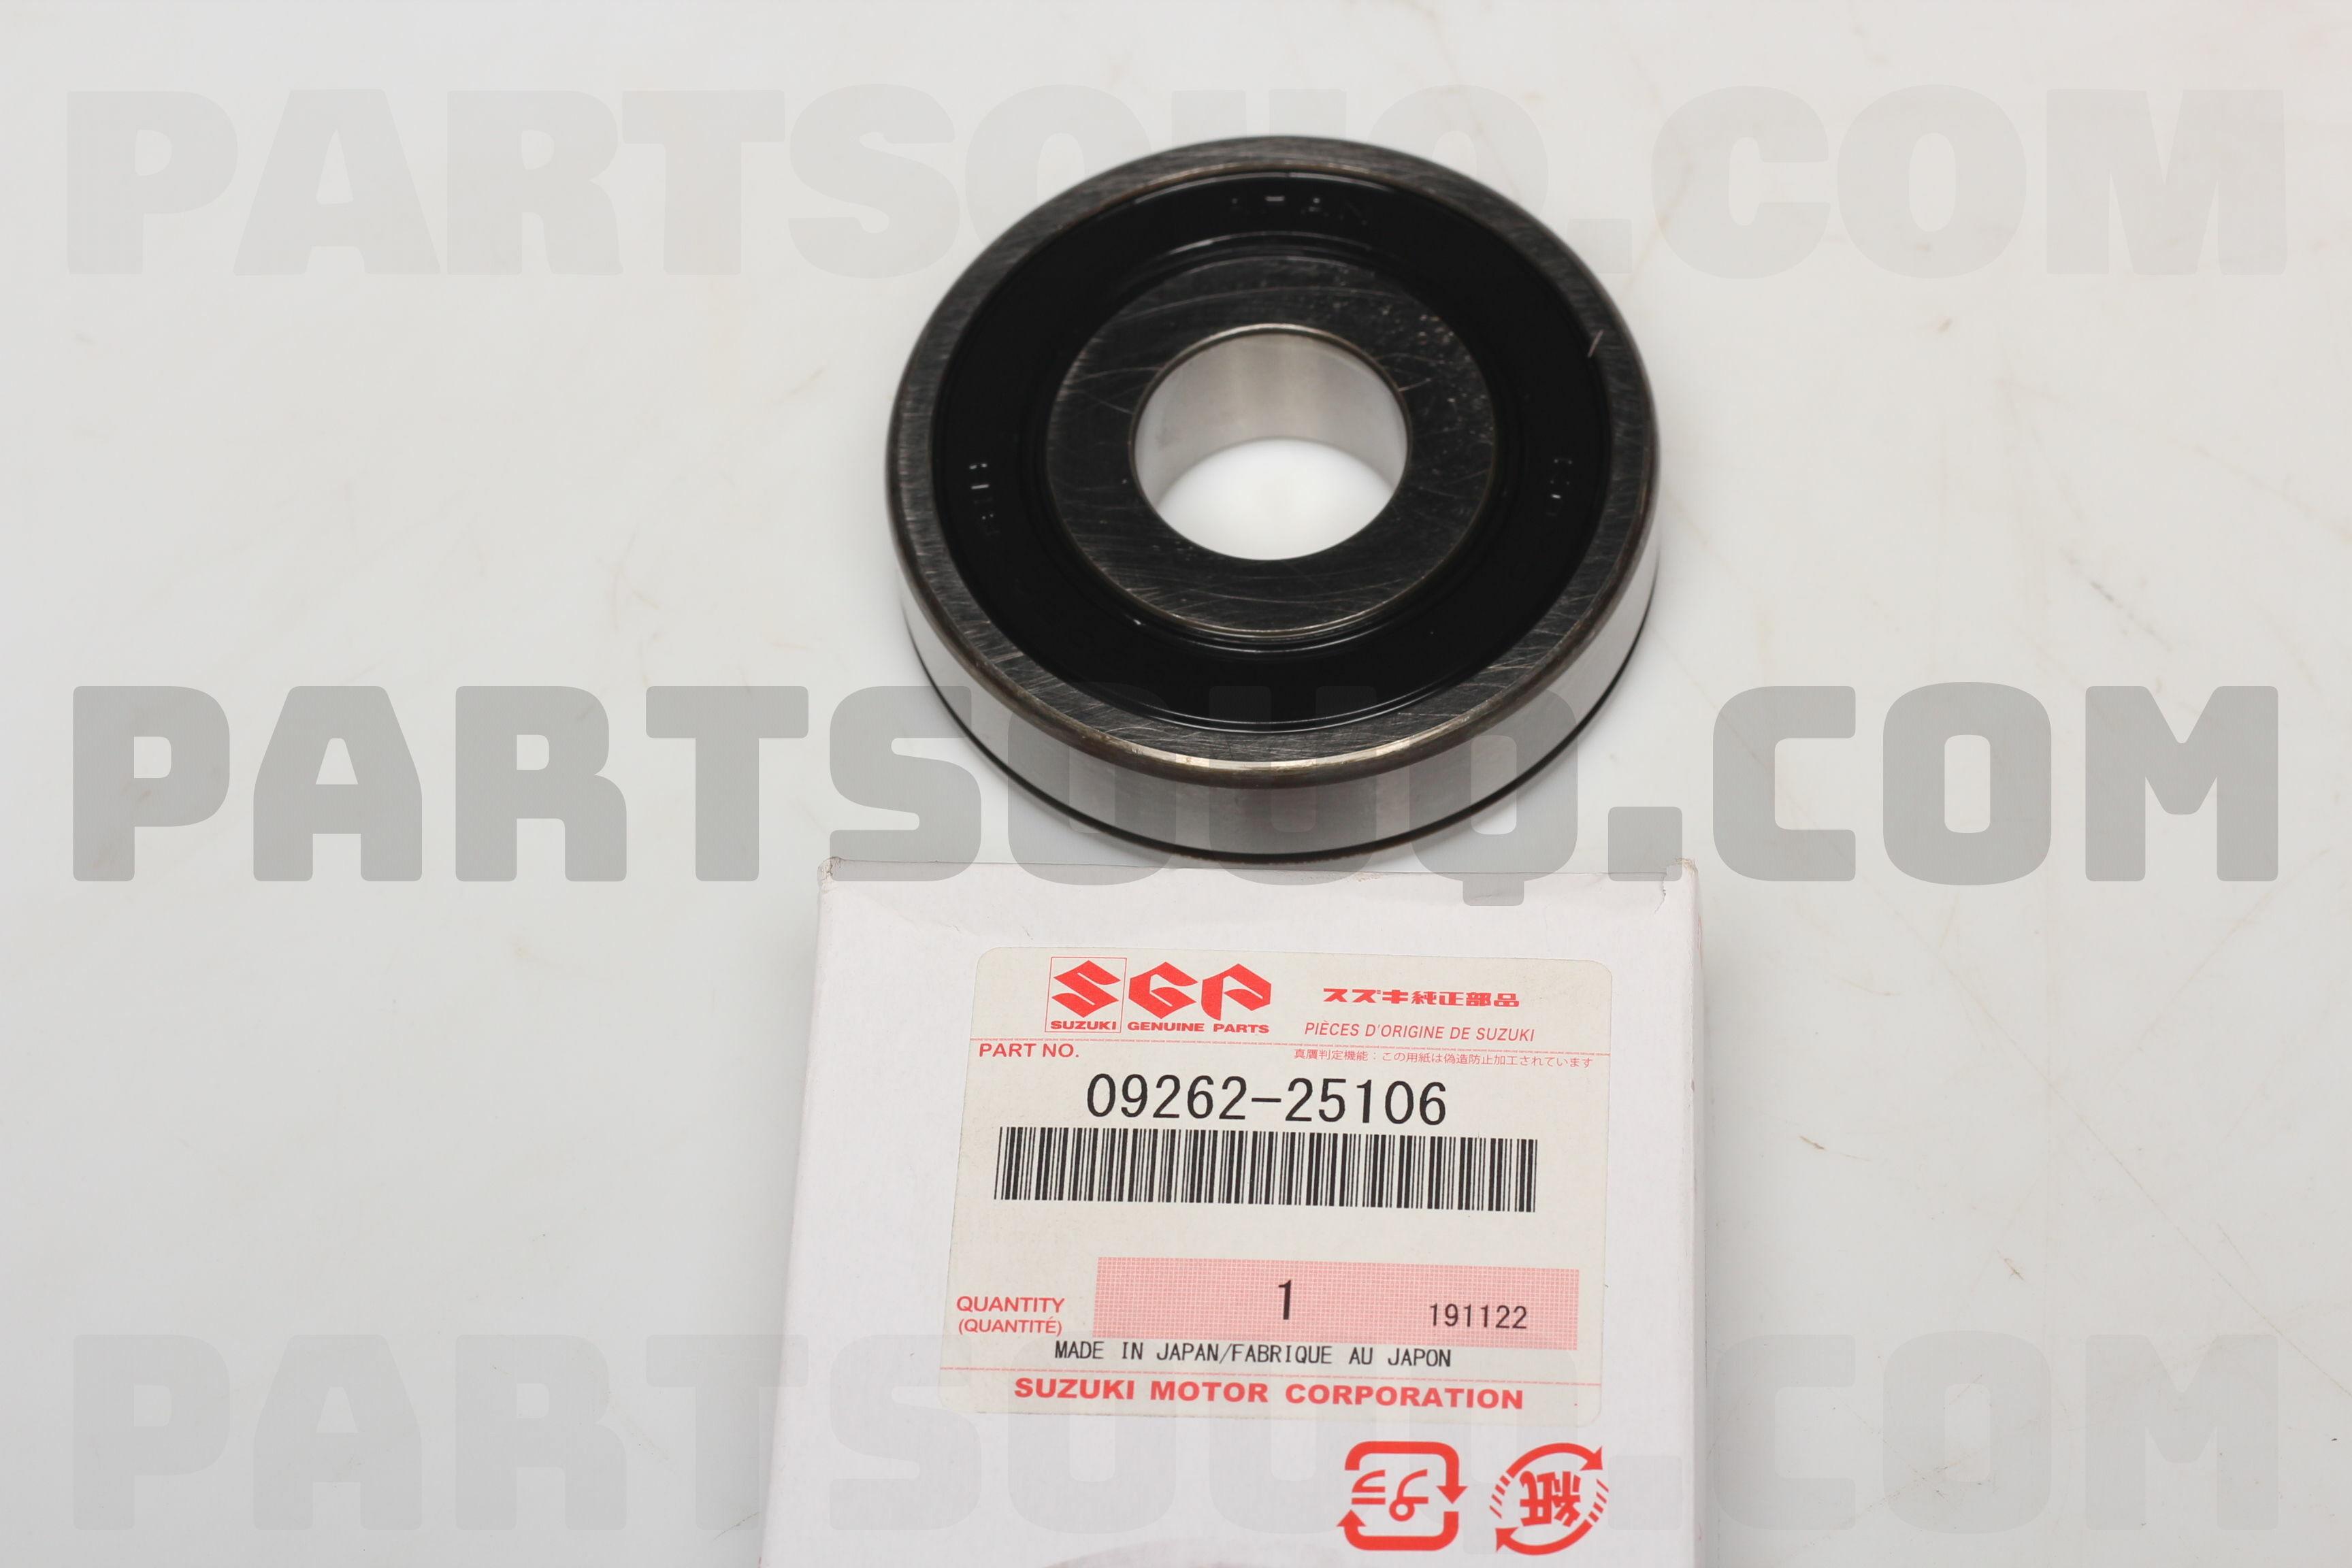 0926225106 Suzuki Bearing  25x72x19   Price  31 48